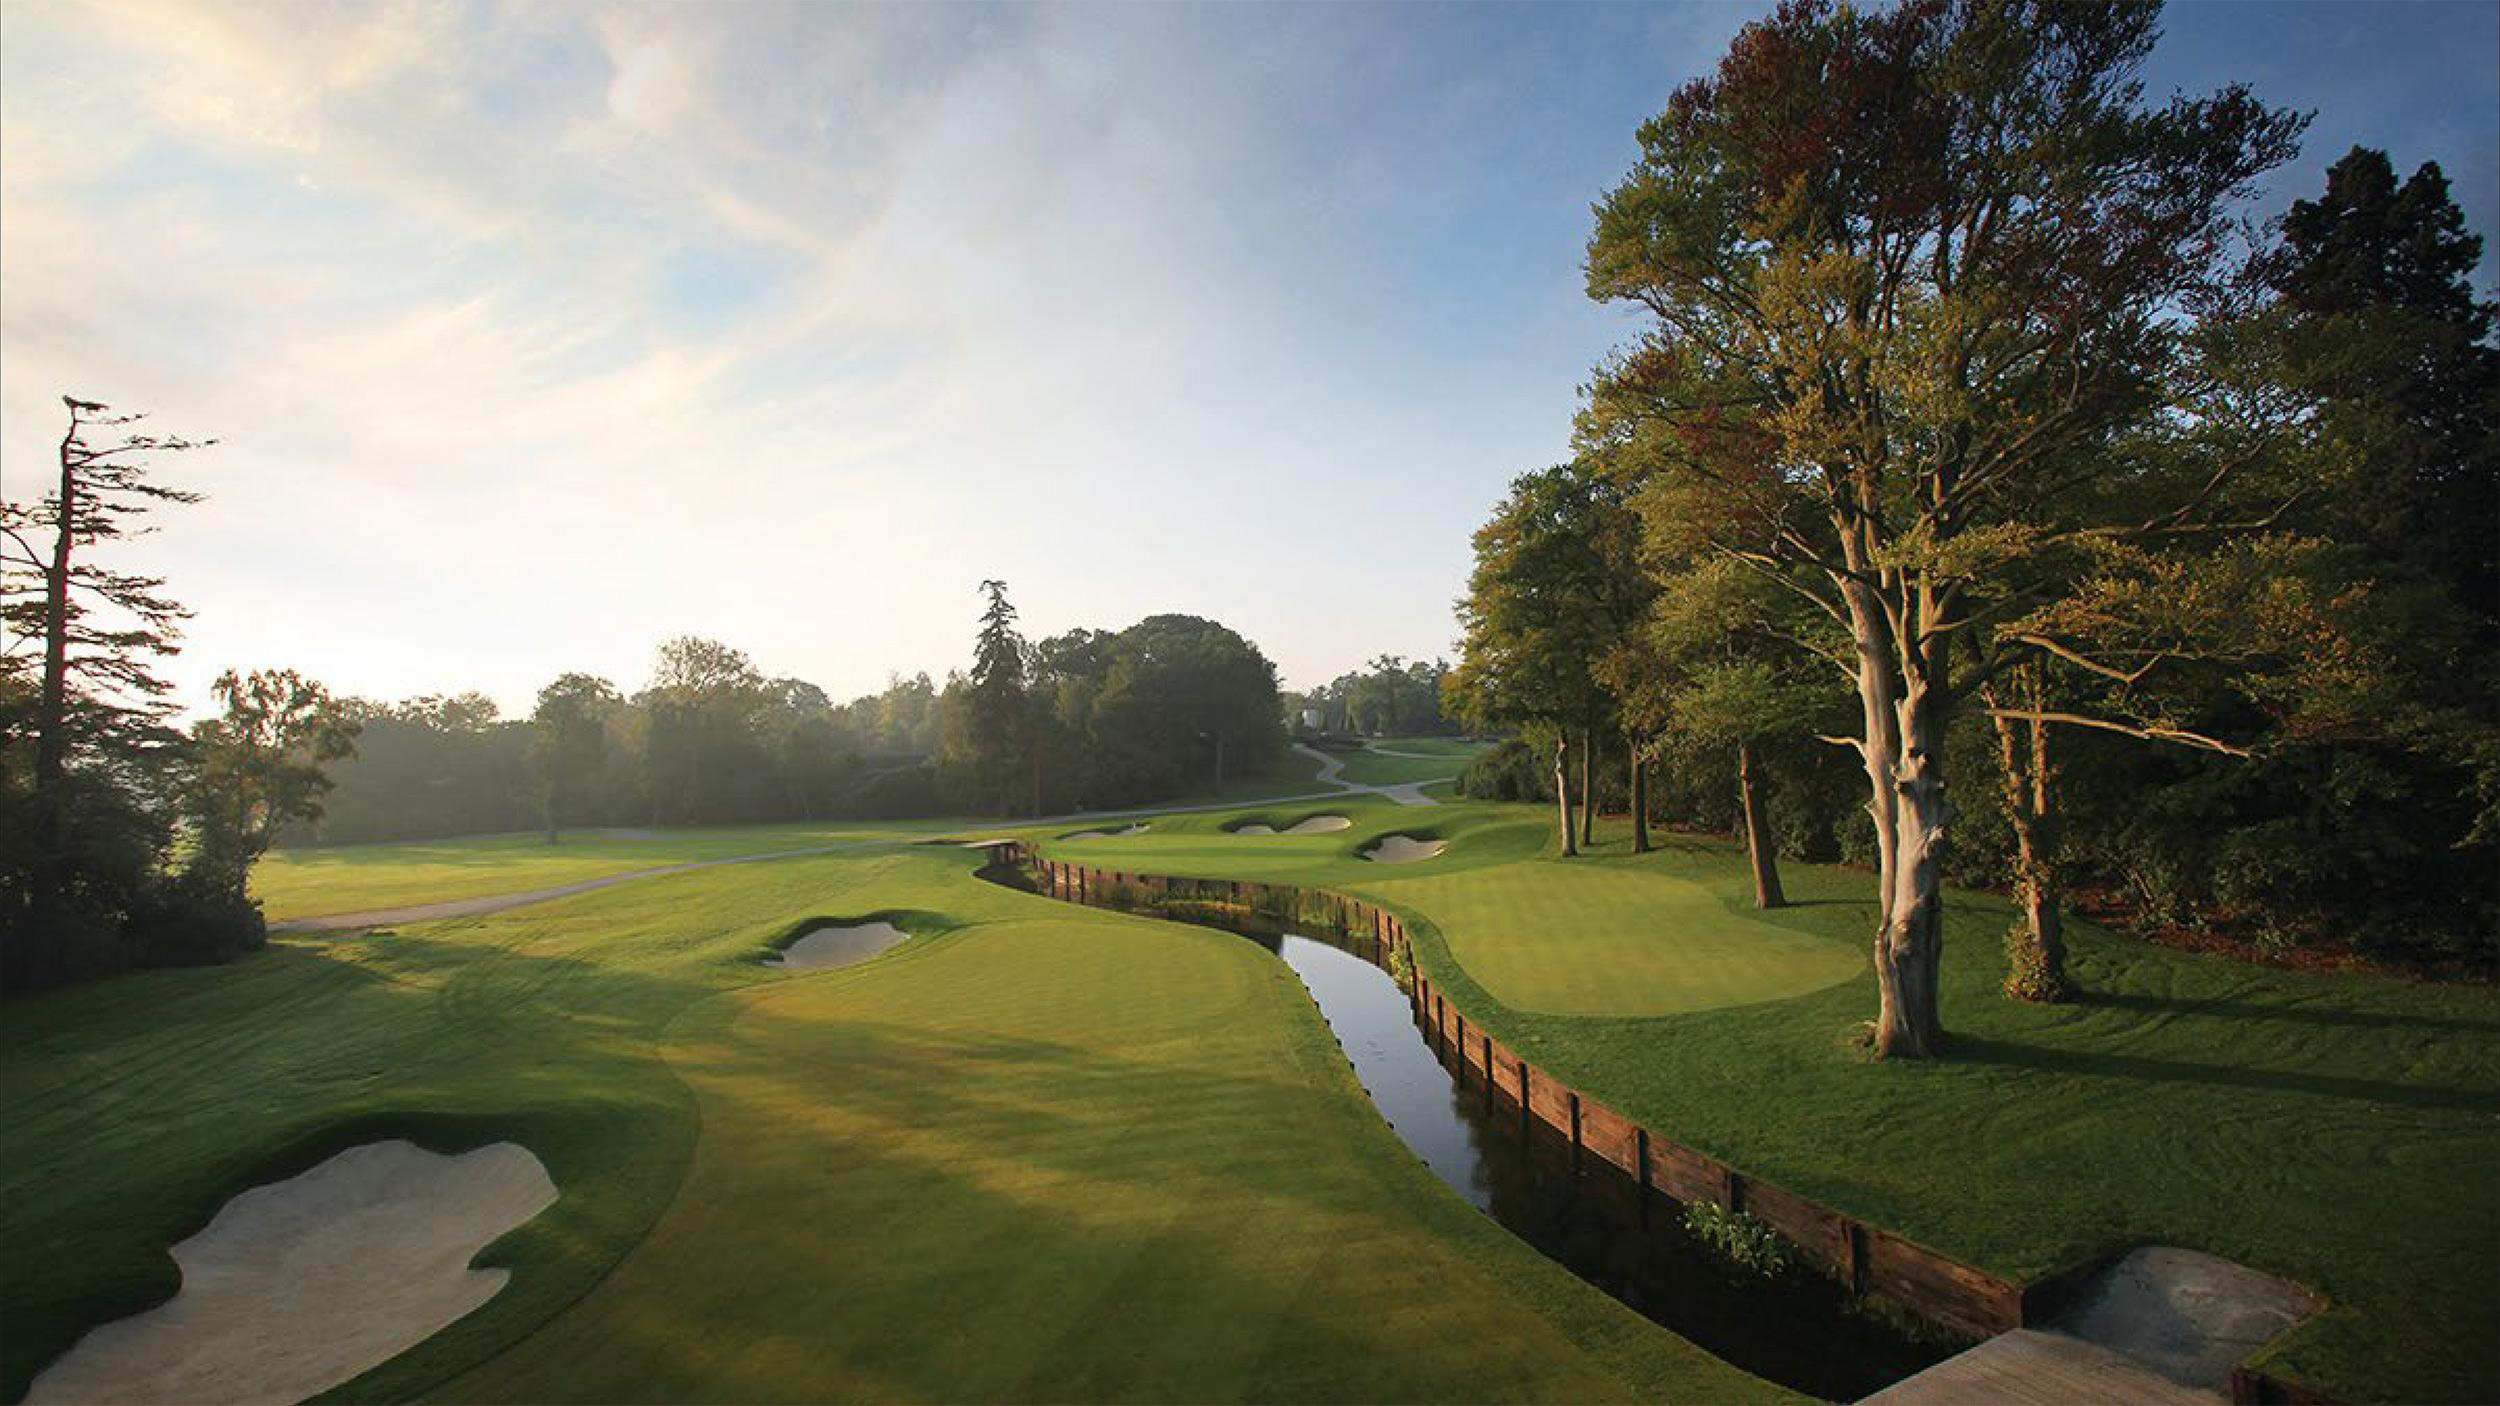 Wentworth-PGA-Golf-Course.jpg